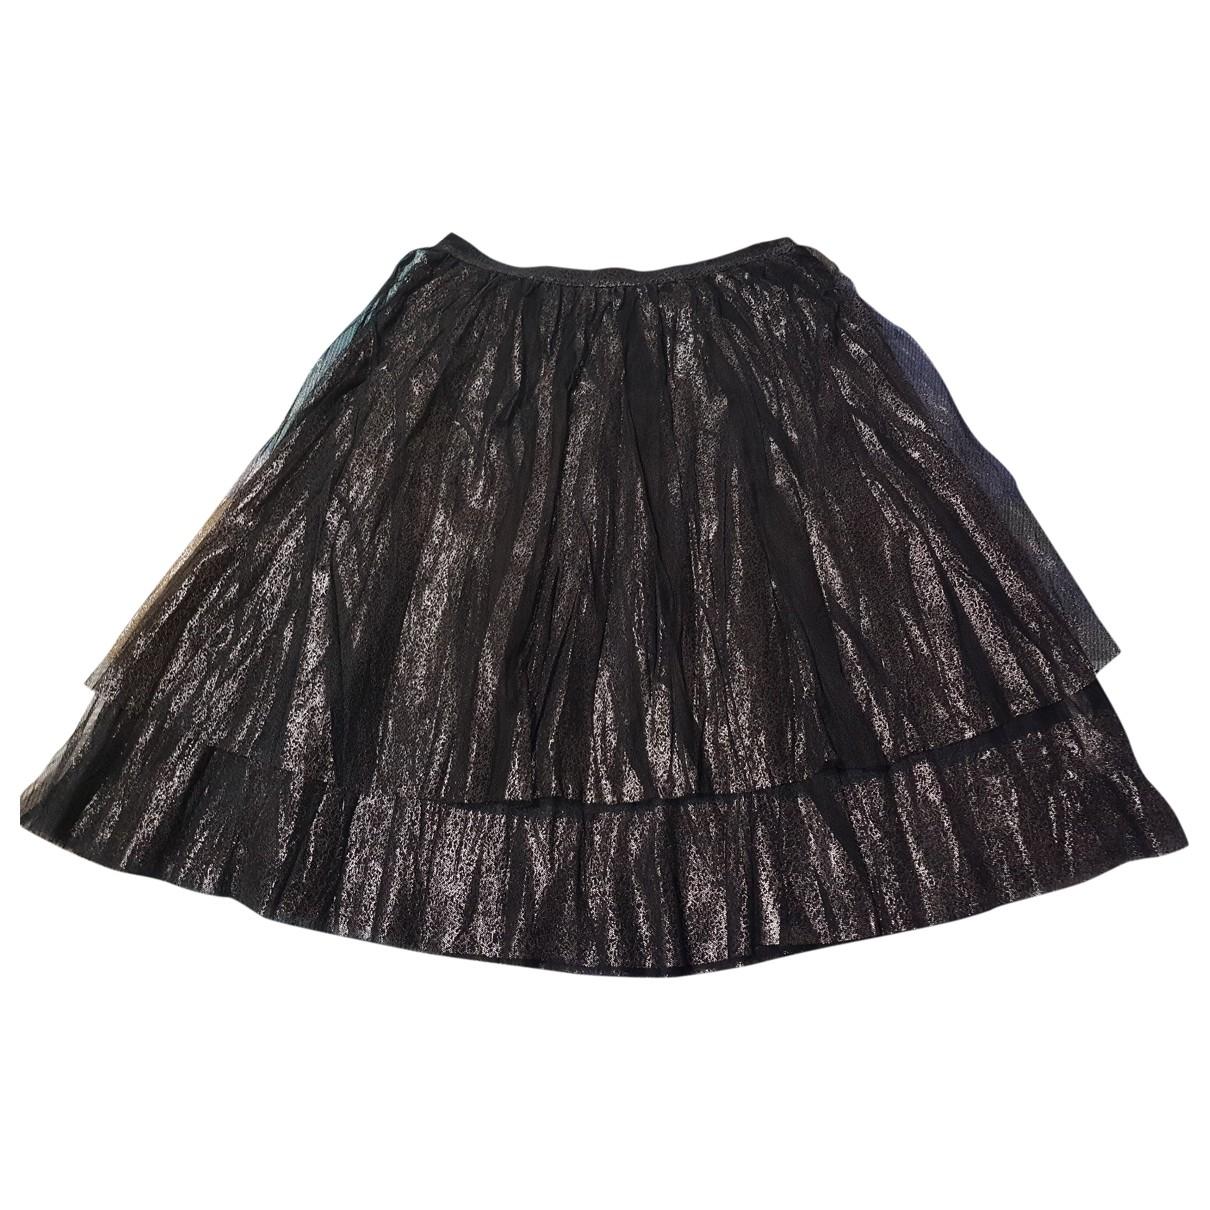 Max & Co \N Black skirt for Women M International